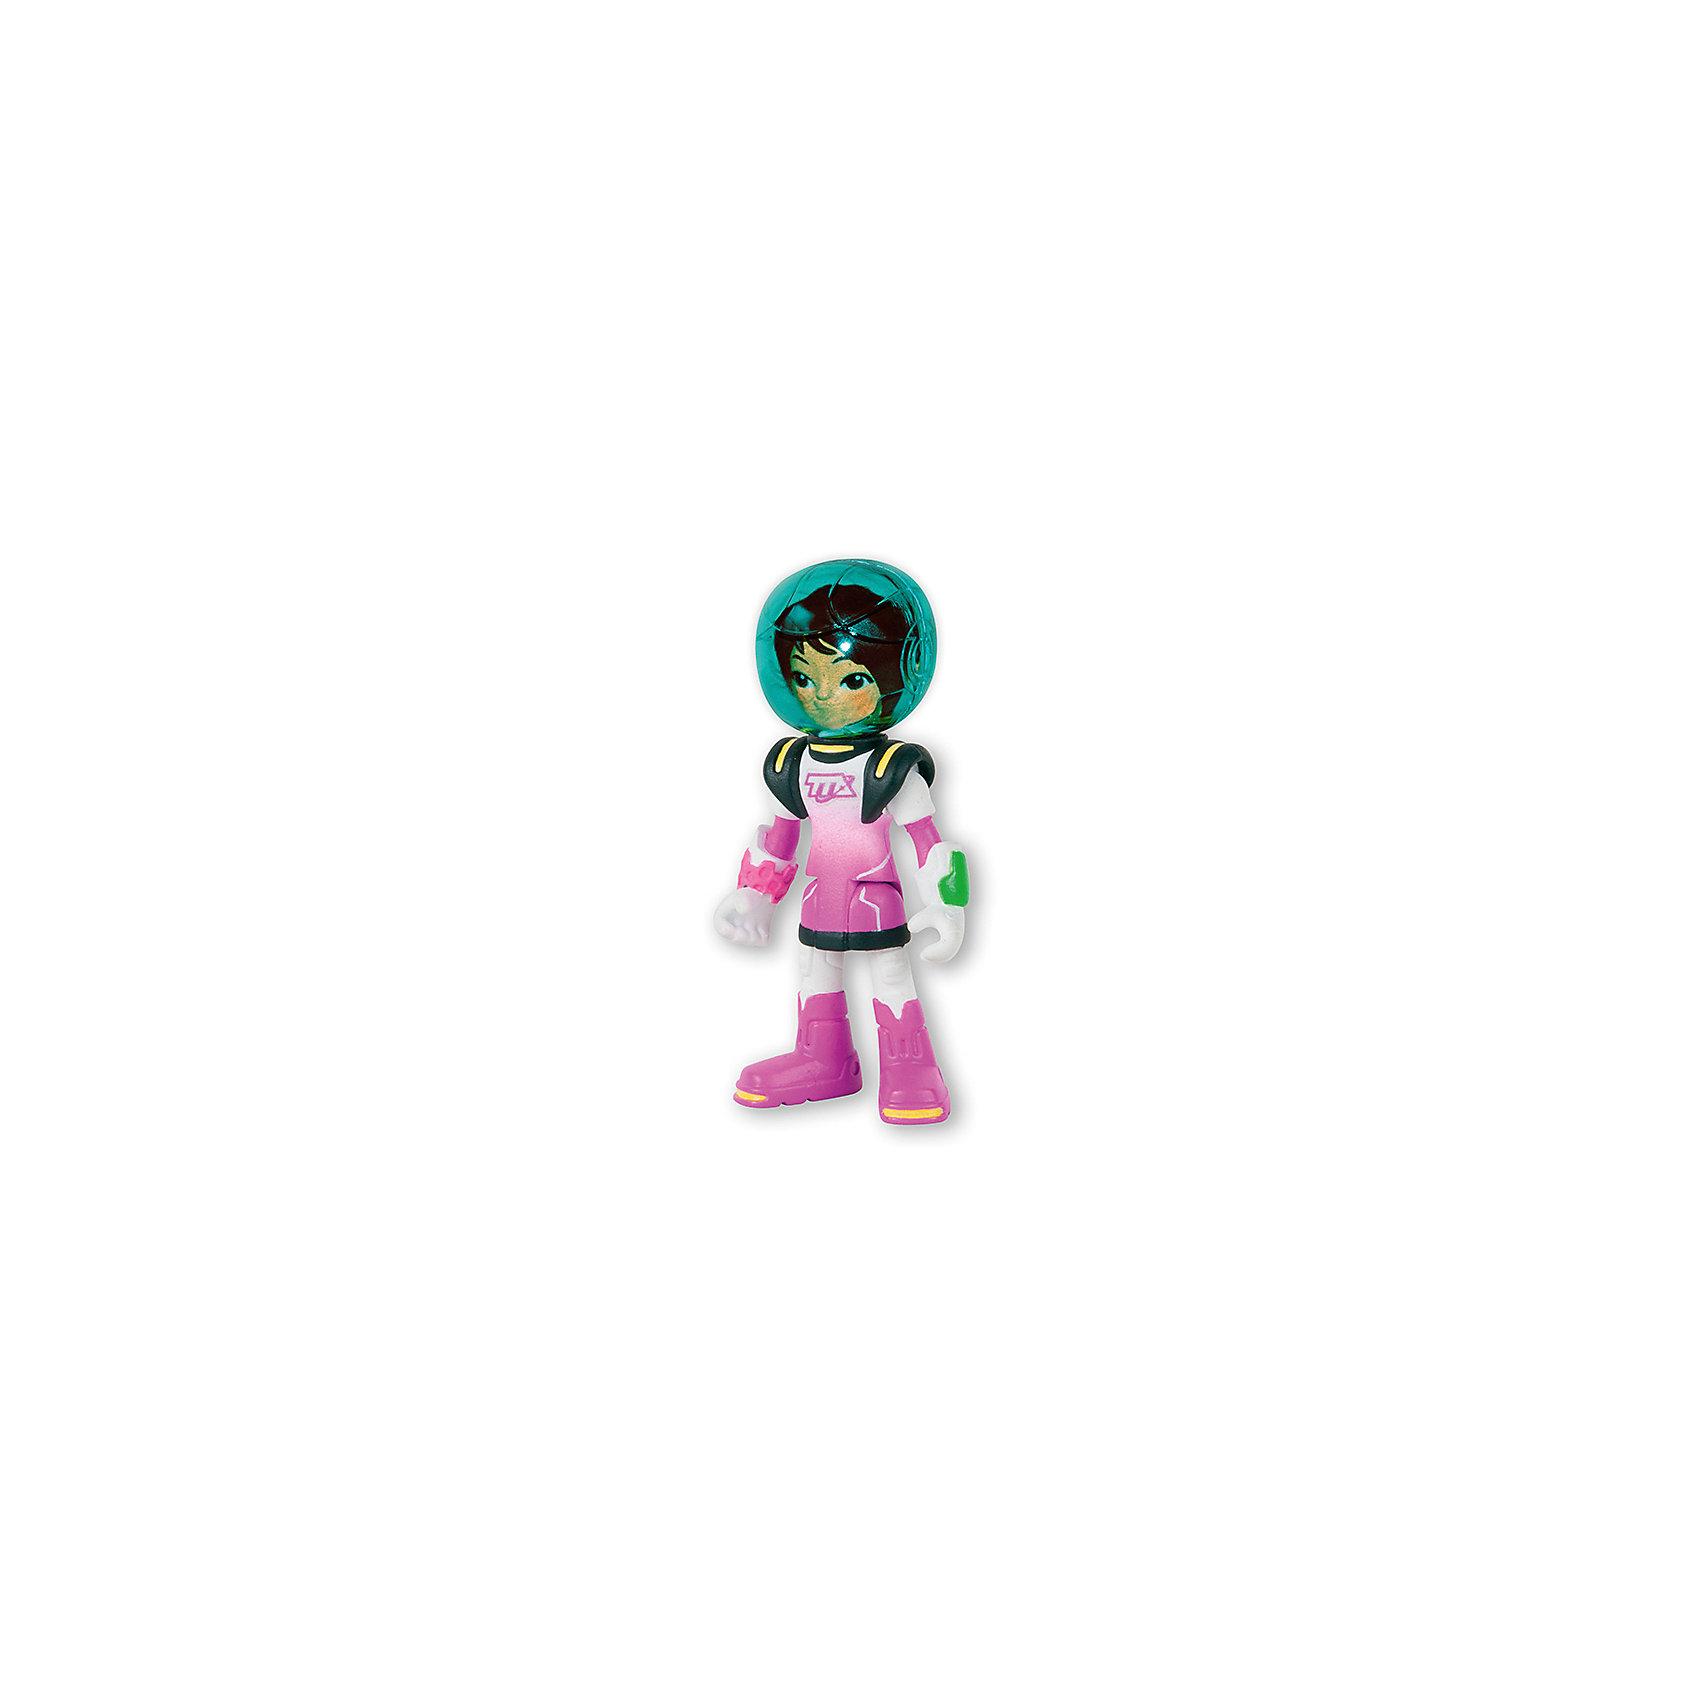 Фигурка Лоретта, 7 см, MILESЛоретта - героиня известного мультфильма Майлз с другой планеты. Она старшая сестра Майлза, выполняет функции специалиста по технике во время межгалактических путешествий. Фигурка прекрасно детализирована и реалистично раскрашена. В набор входит шлем, который легко снимается и одевается, а также  бластборд: космический скейтборд, на котором можно передвигаться над поверхностью. Собери все фигурки проигрывай любимые сцены из мультфильма или придумывай свои новые истории!<br><br>Дополнительная информация:<br><br>- Материал: пластик.<br>- Высота фигурки - 7 сантиметров.<br>- В комплект входят шлем и бластборд.<br>- Подвижные голова, руки и ноги.<br><br>Фигурку Лоретты, 7 см, MILES, можно купить в нашем магазине.<br><br>Ширина мм: 155<br>Глубина мм: 190<br>Высота мм: 50<br>Вес г: 105<br>Возраст от месяцев: 36<br>Возраст до месяцев: 192<br>Пол: Унисекс<br>Возраст: Детский<br>SKU: 4234767